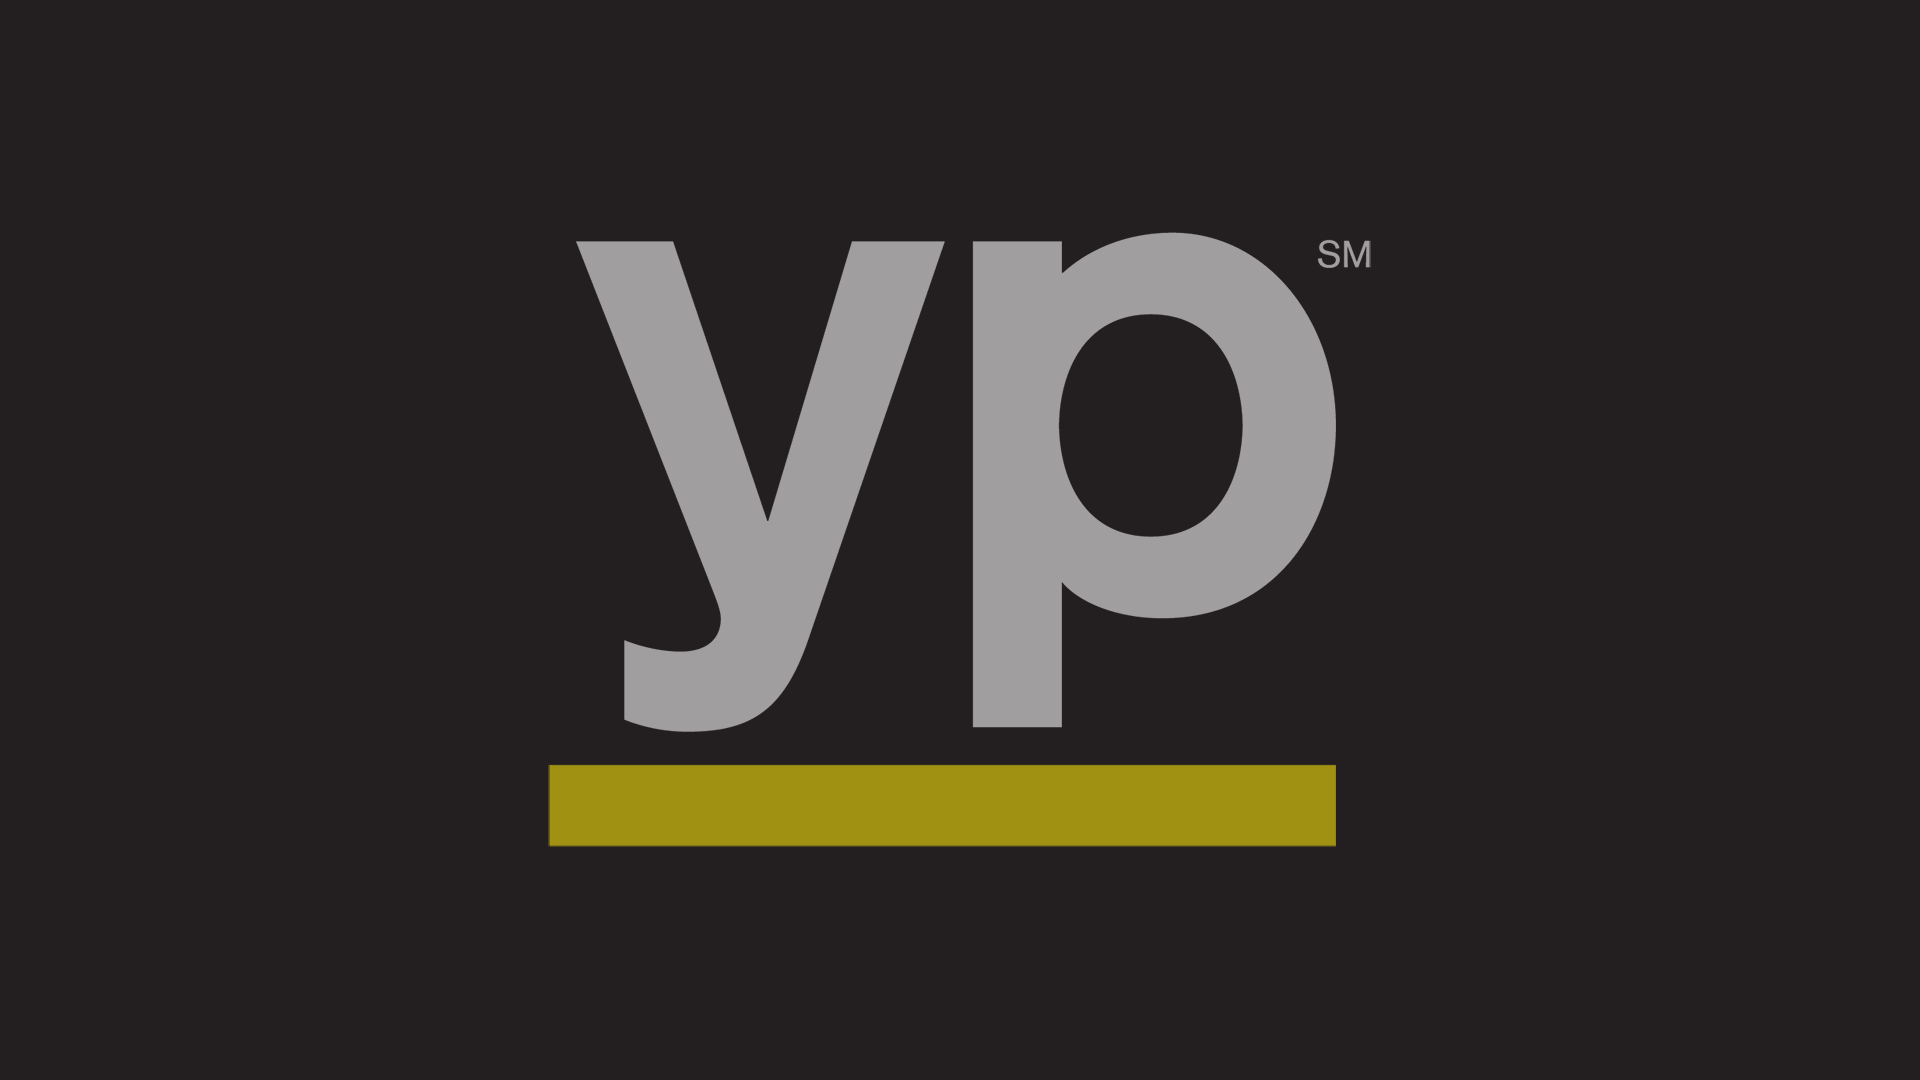 El proveedor de búsqueda local YP ofrece un producto de búsqueda PPC con todo incluido para pymes